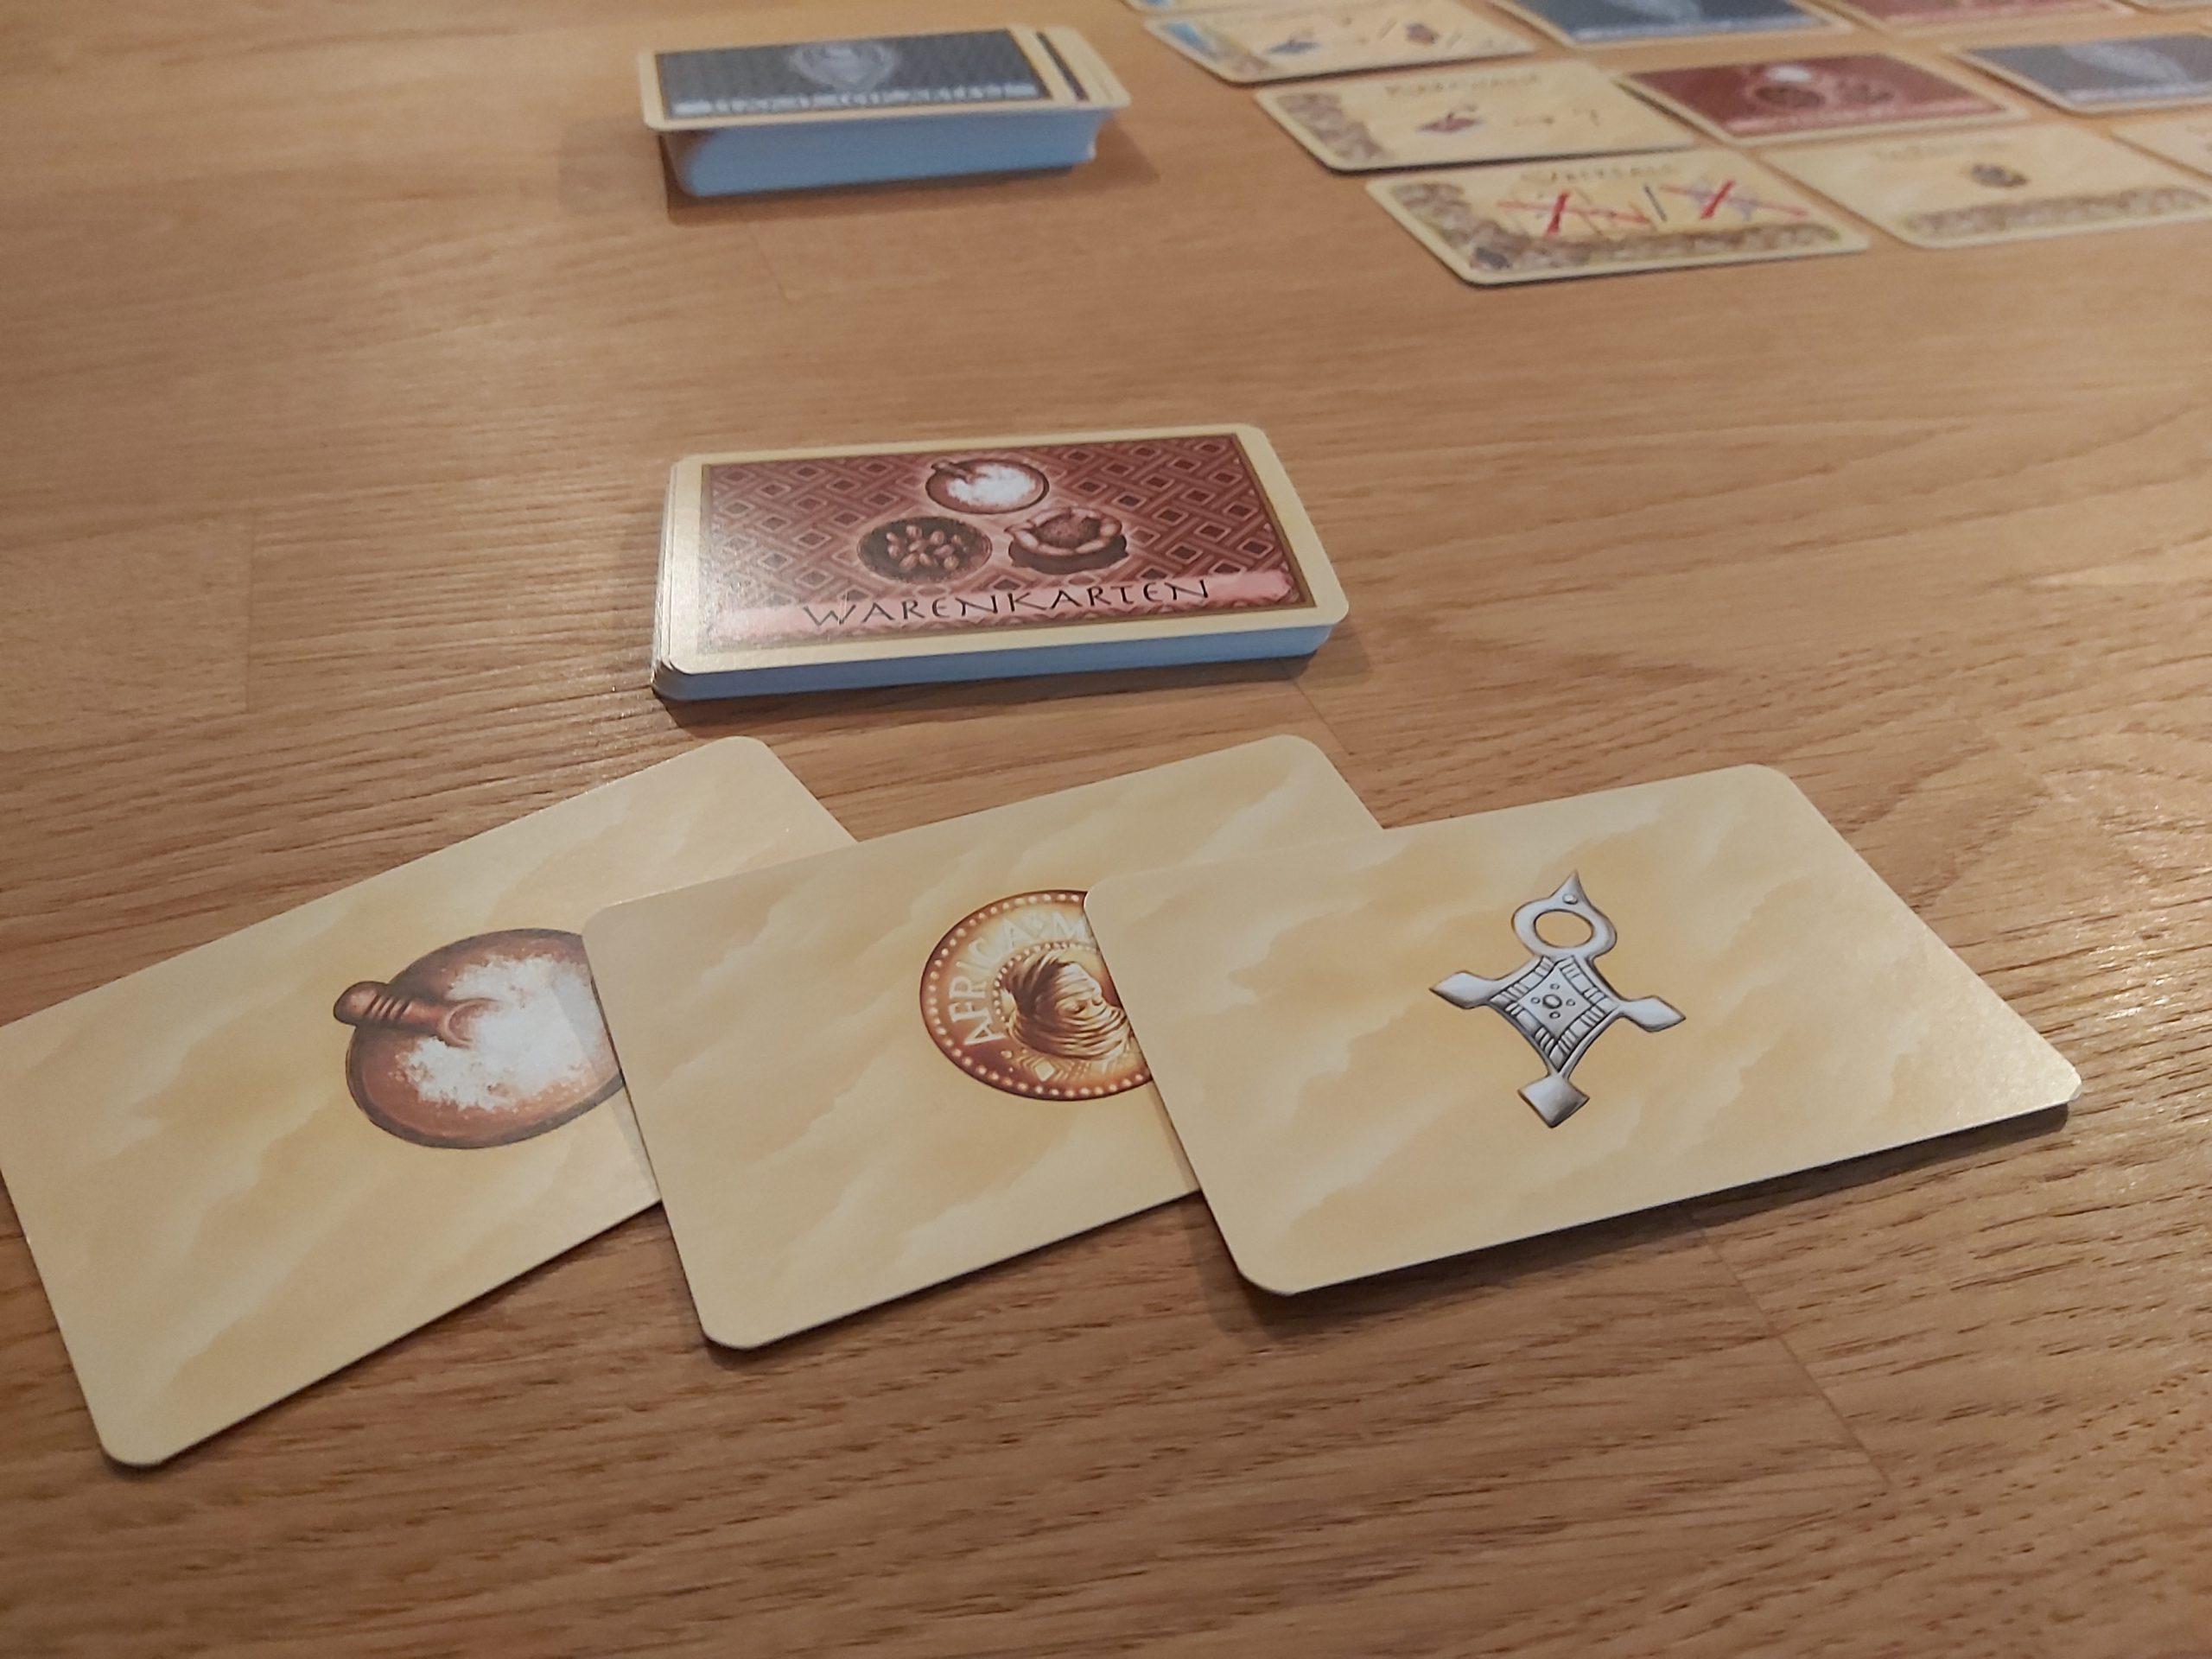 Zu sehen sind die Warenkarten von Targi.